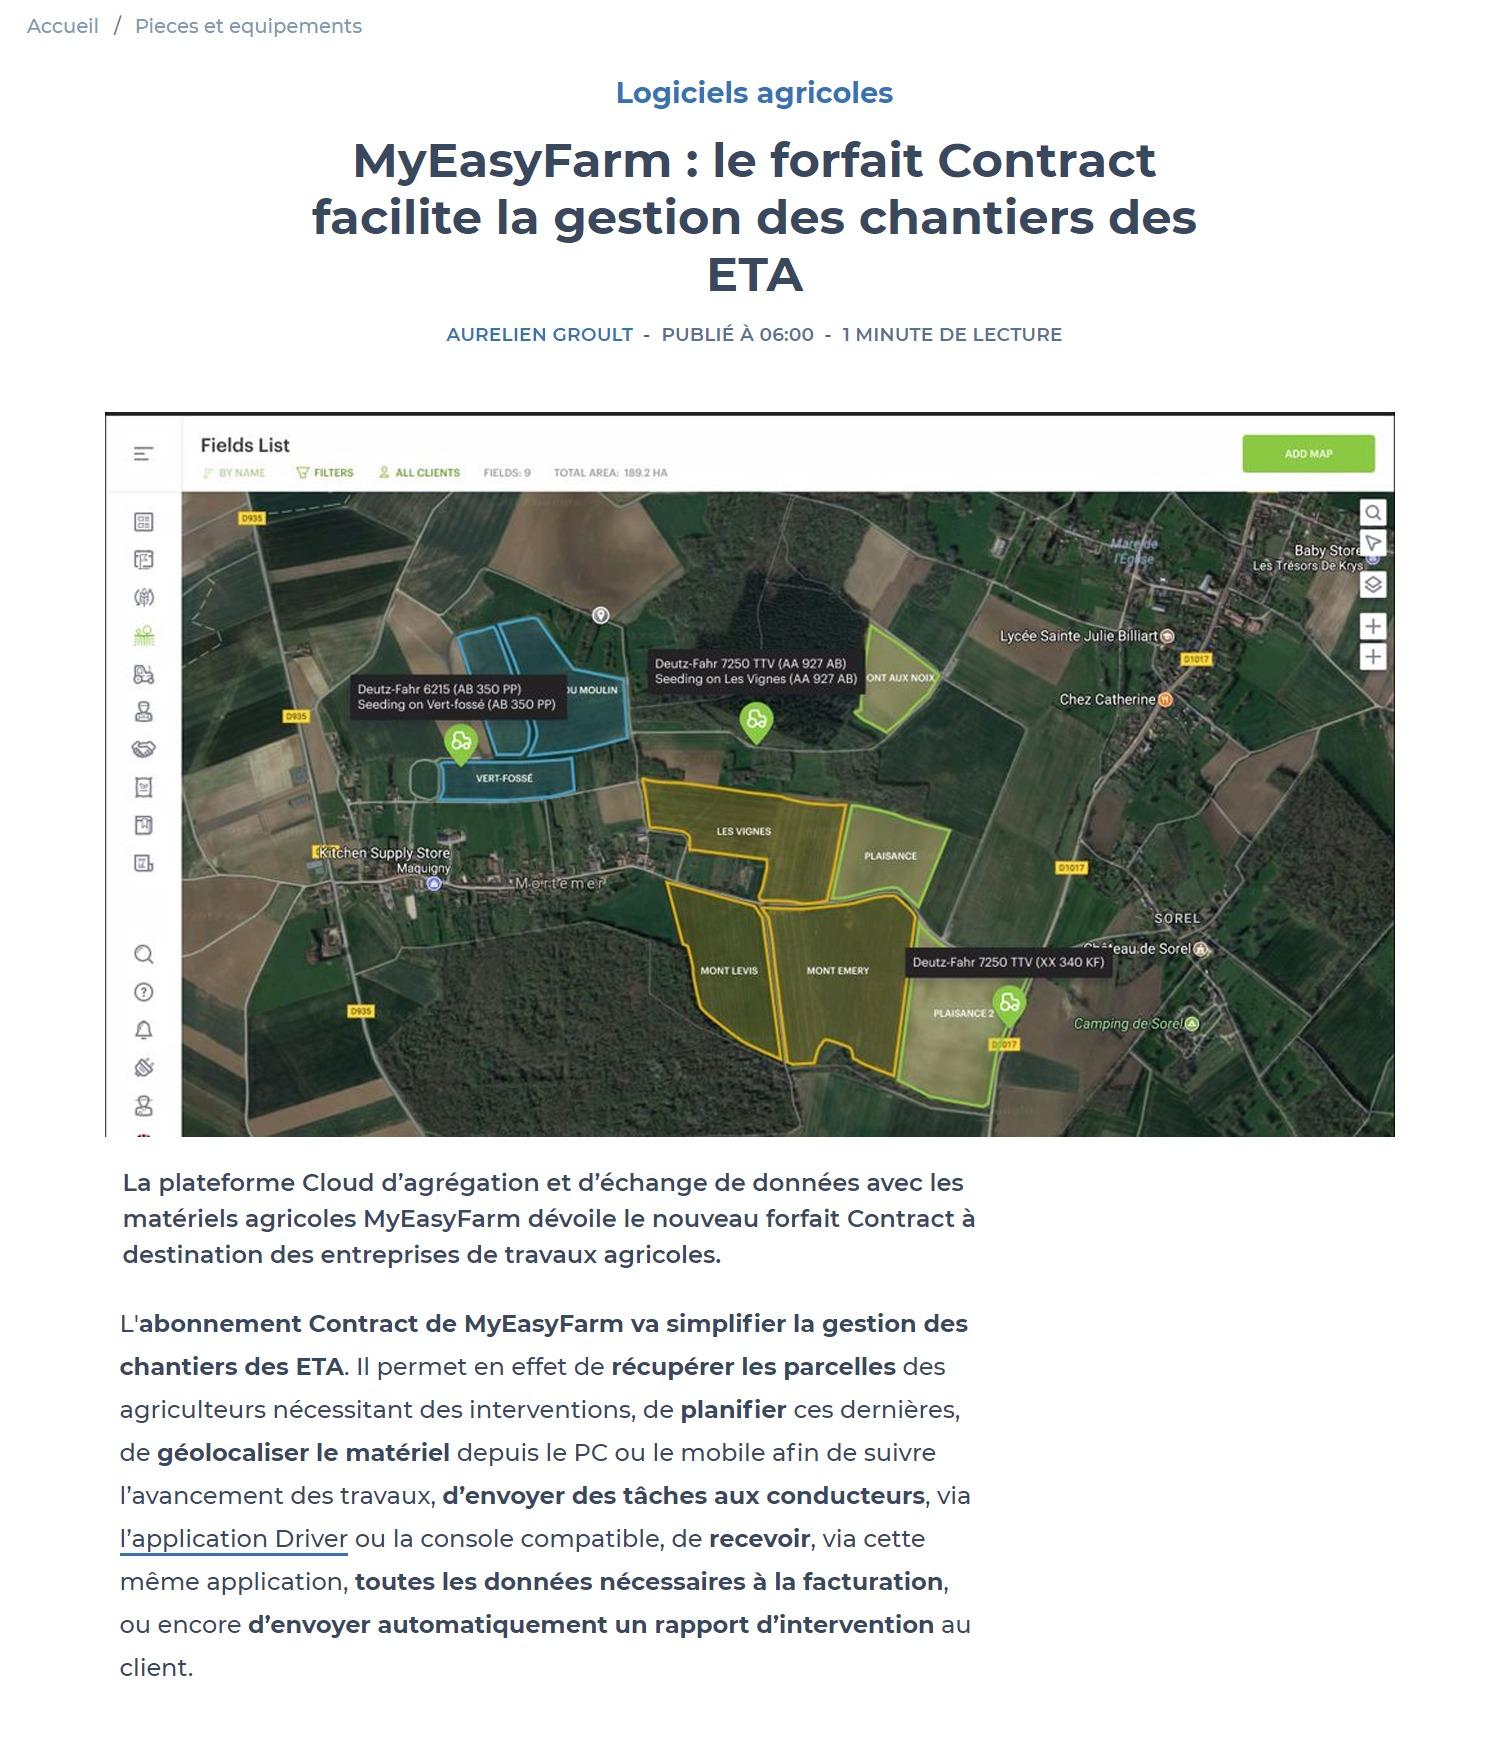 Matériel agricole info - article abonnement Contract pour ETA - MyEasyFarm